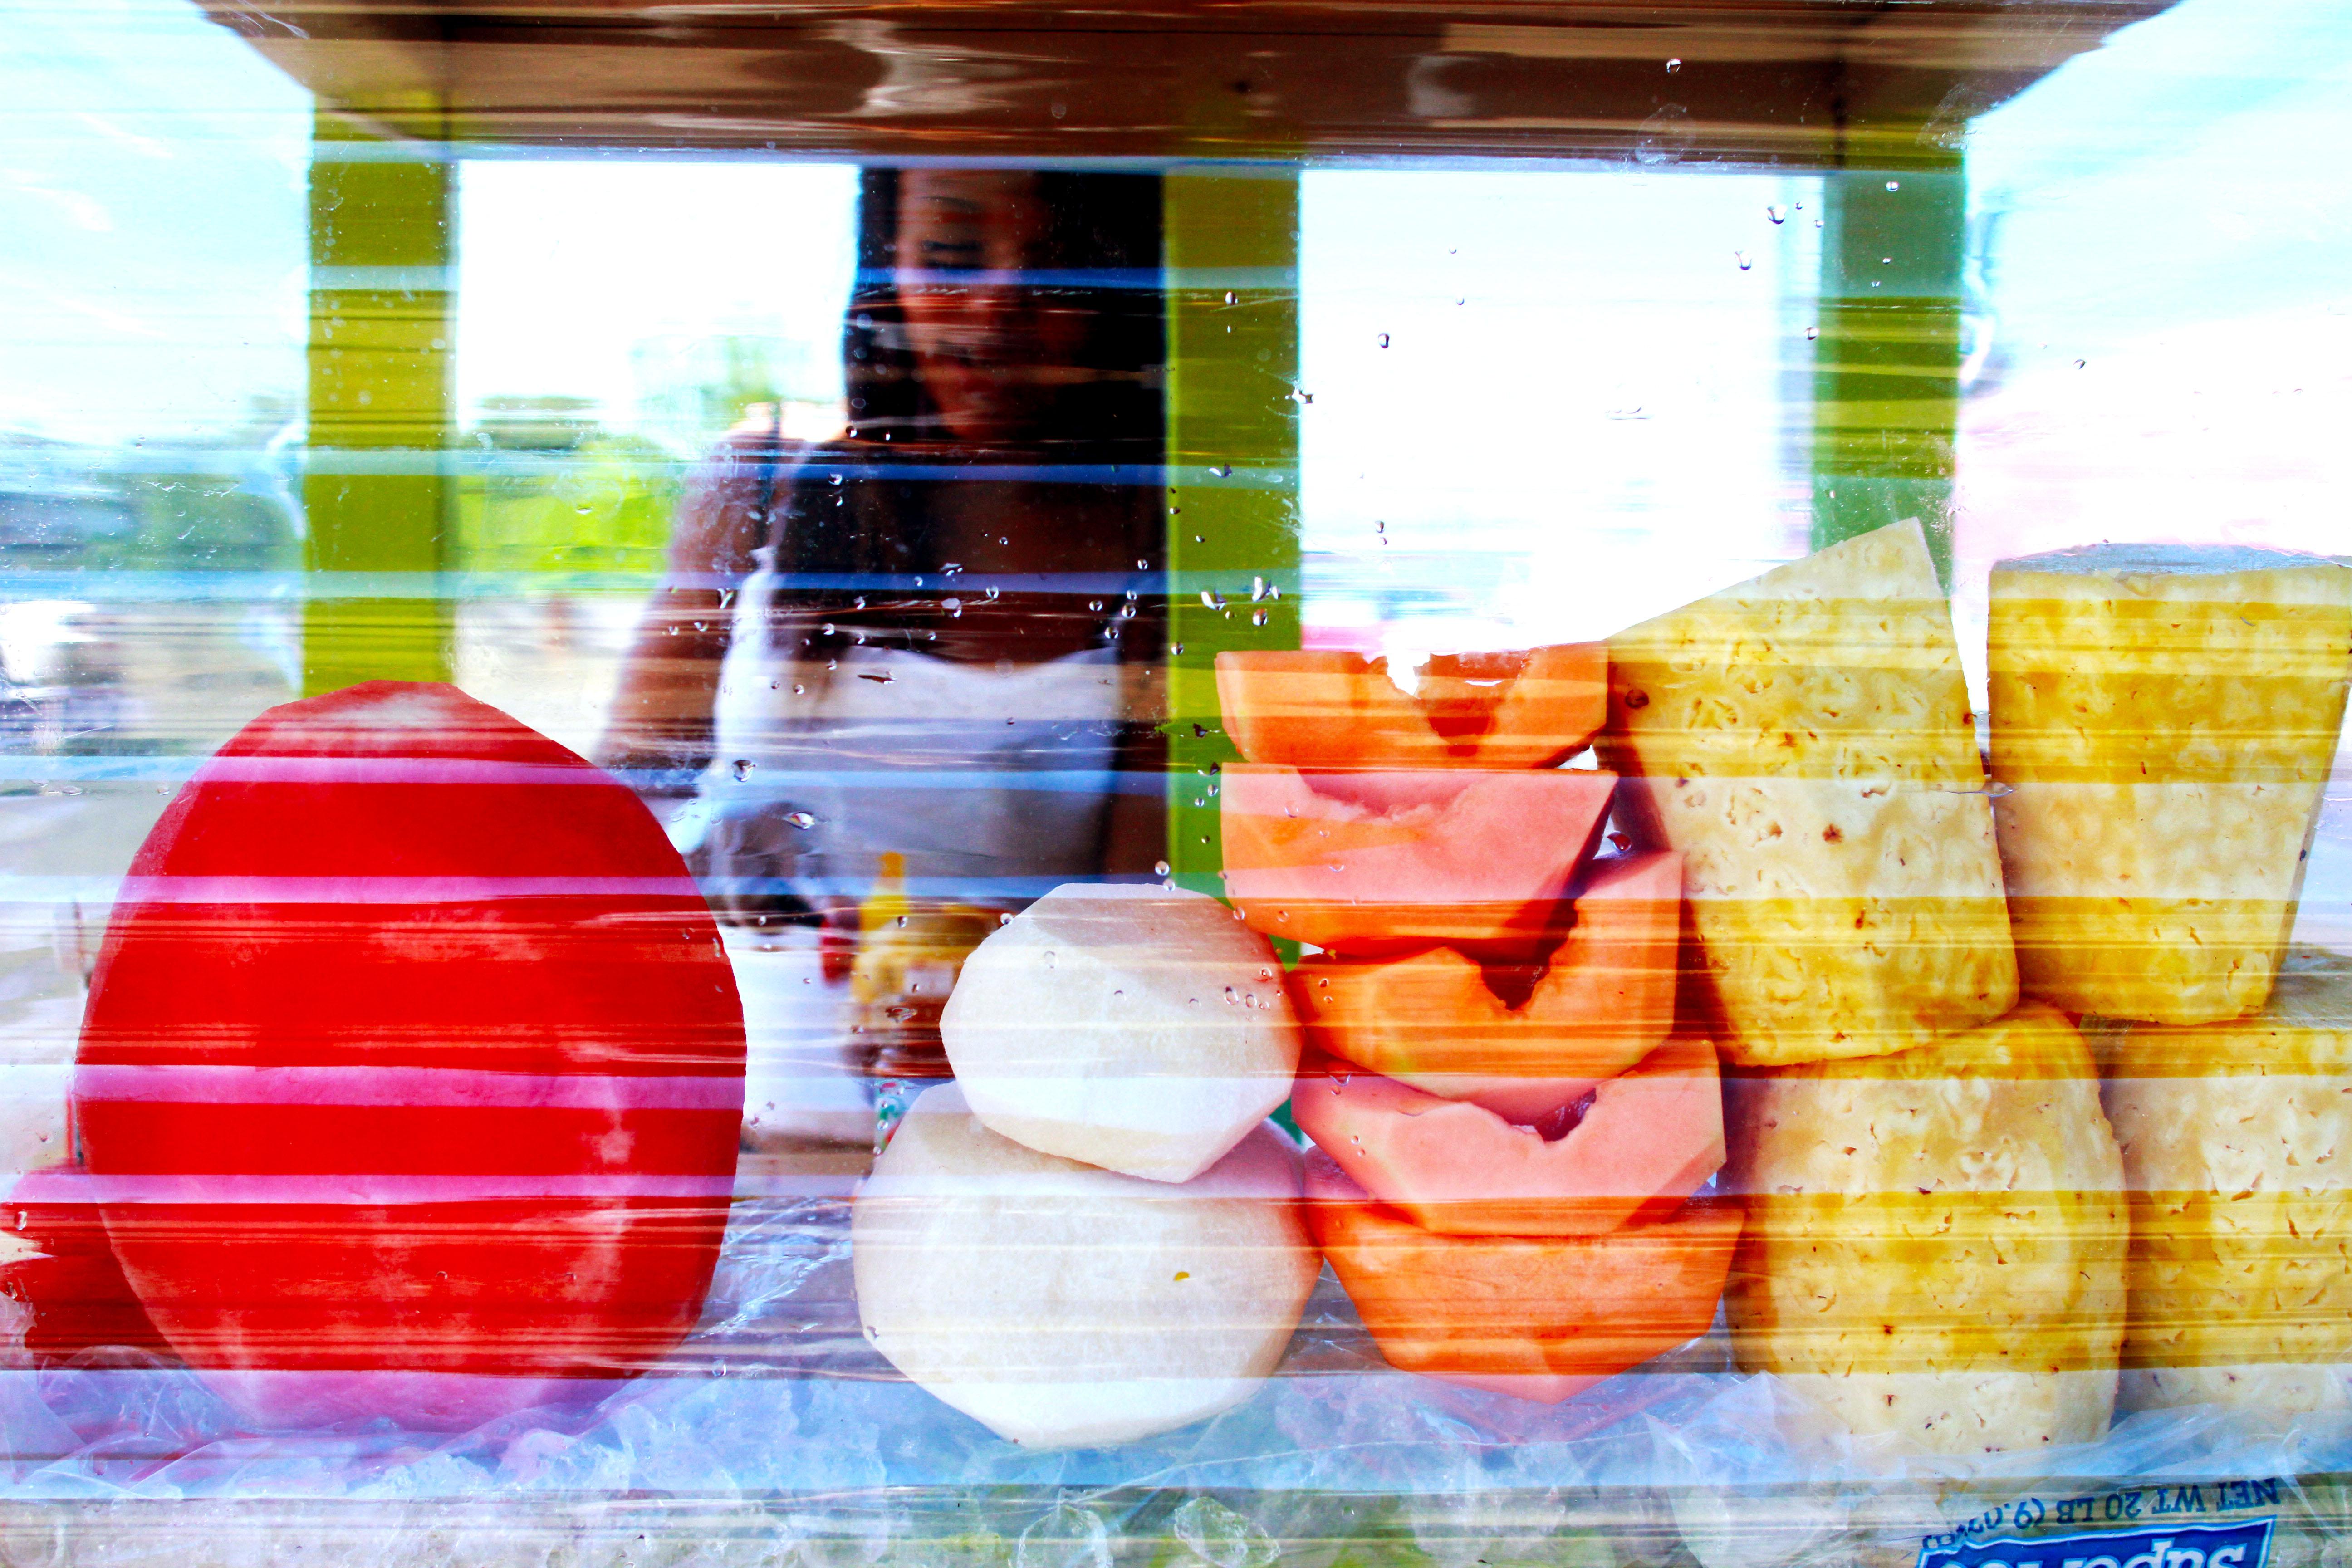 Fruitstand, Sacramento